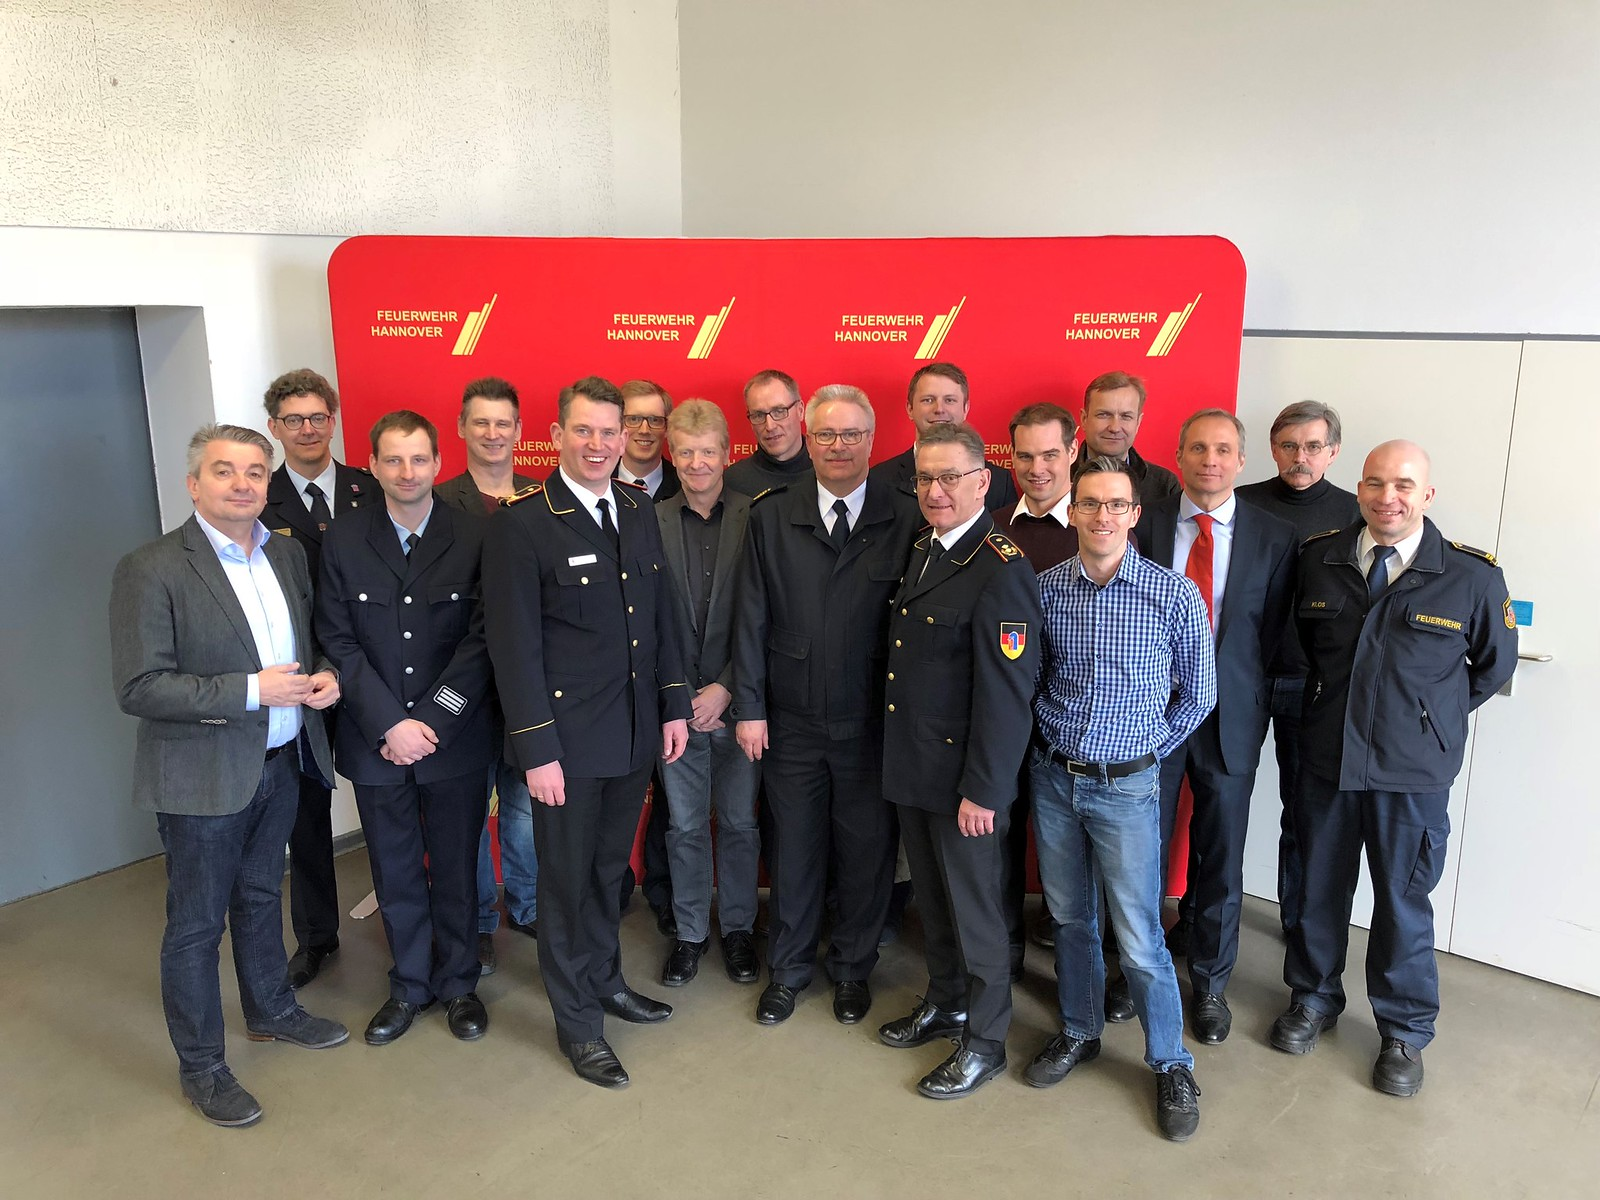 Neugründung FA Leitstellen und Digitalisierung von DFV und AGBF-Bund, Hannover, 24. Februar 2018 - Foto: Carsten-Michael PIX